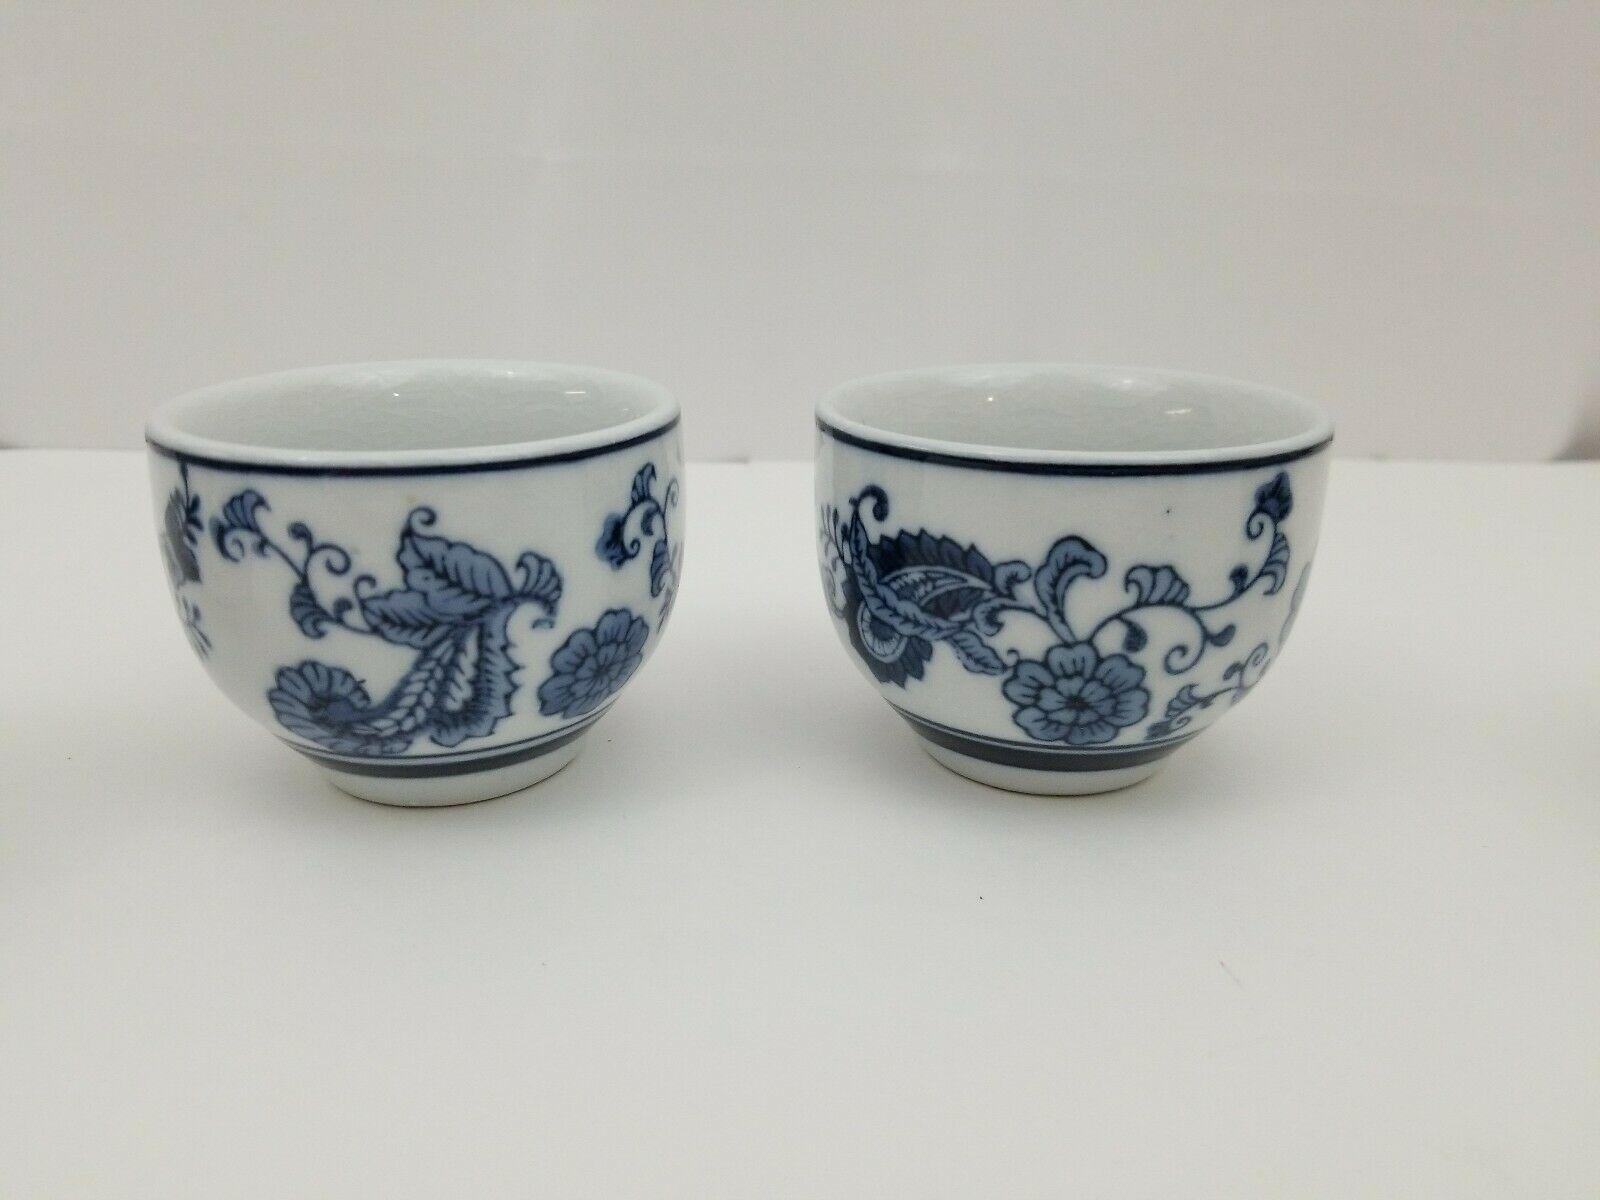 Pier 1 Imports Porcelain Tea Cups Sake Set of 4 White Blue Floral Dish Safe image 7